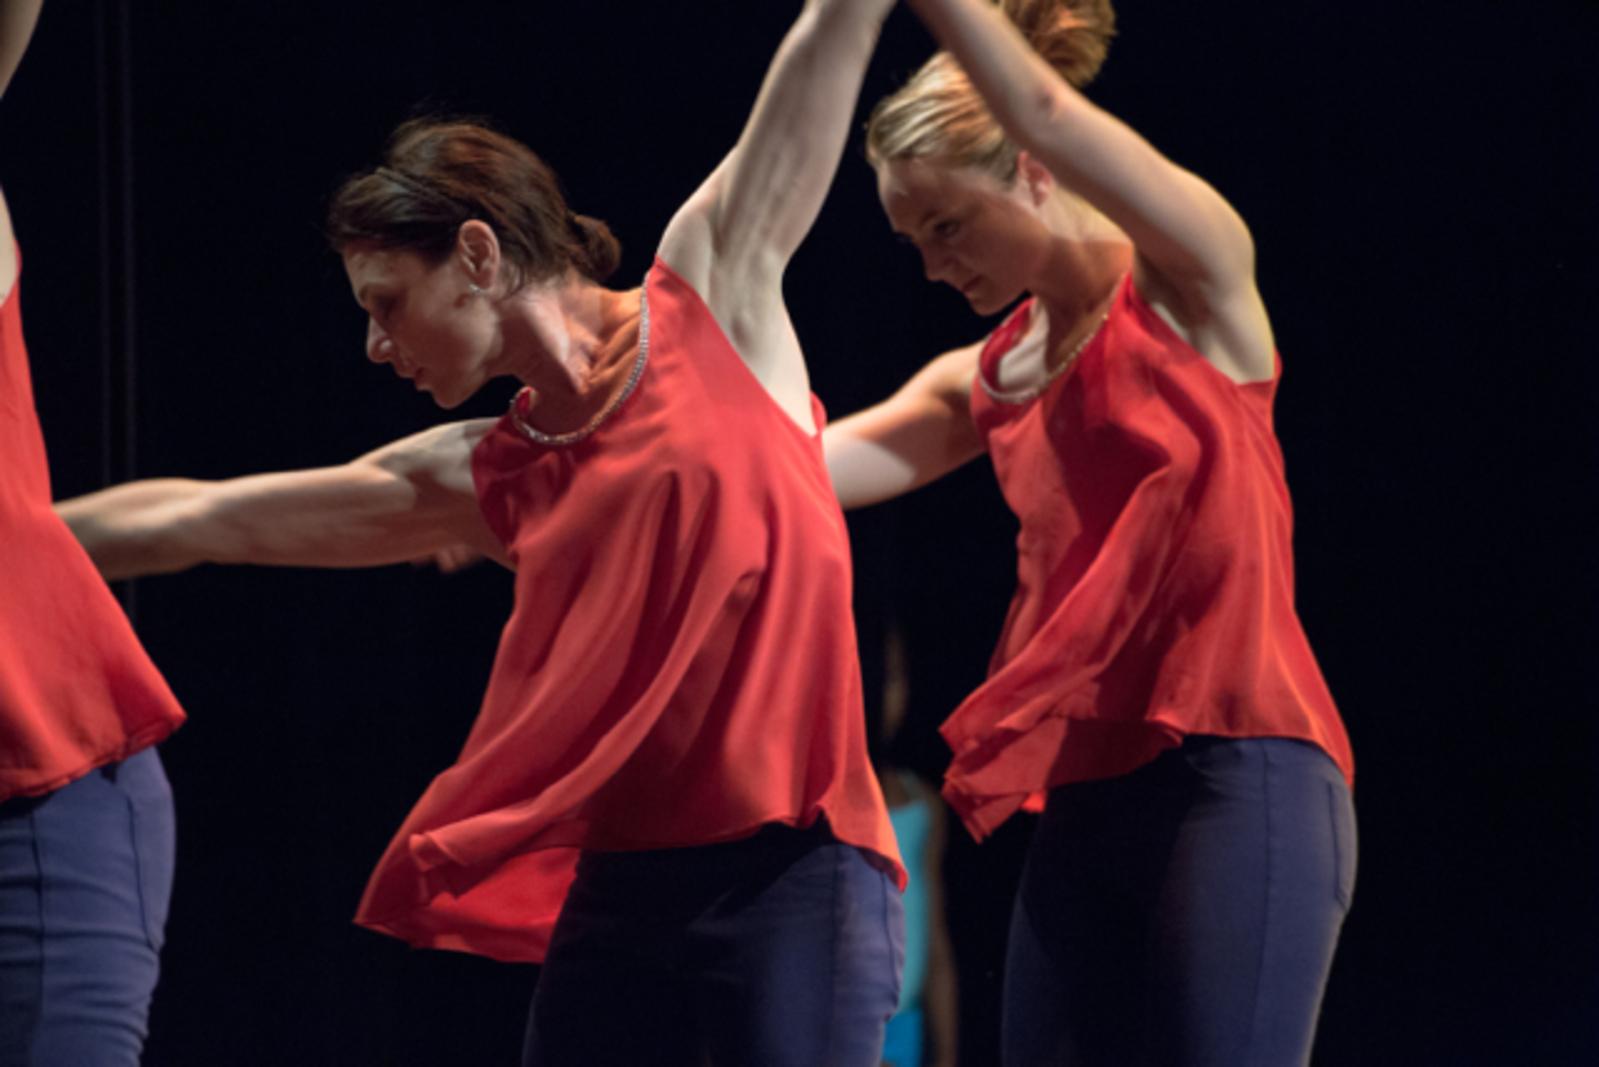 Atelier de danse contemporaine - Julie Portanguen et l'association L'éveil et l'envol